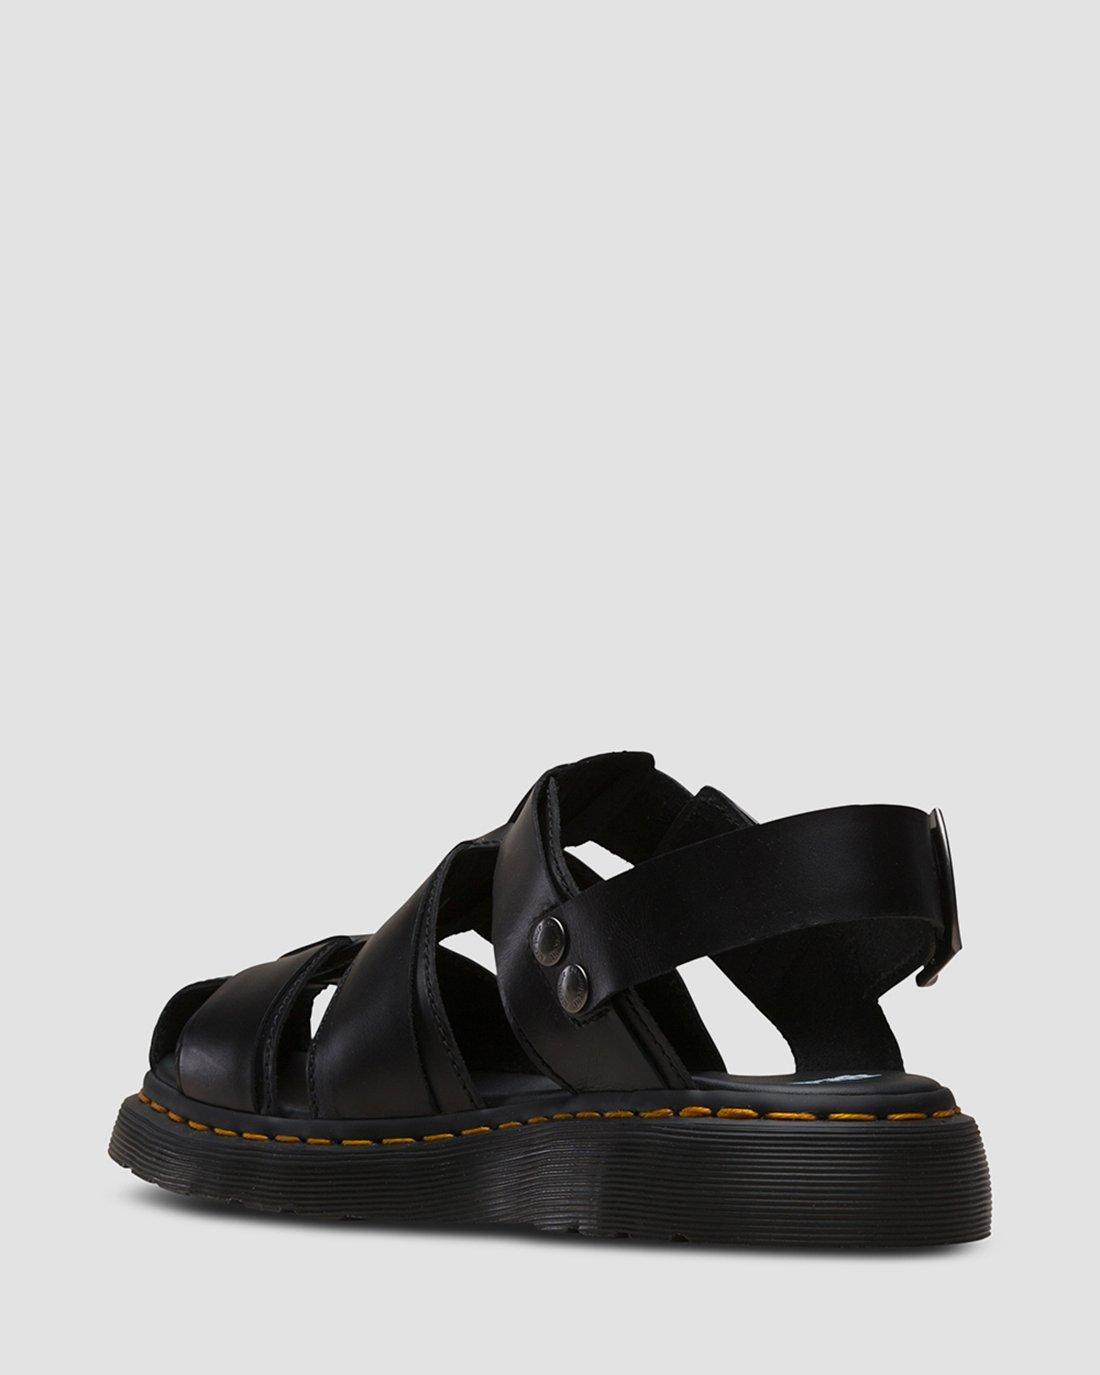 dr martens kassion sandal